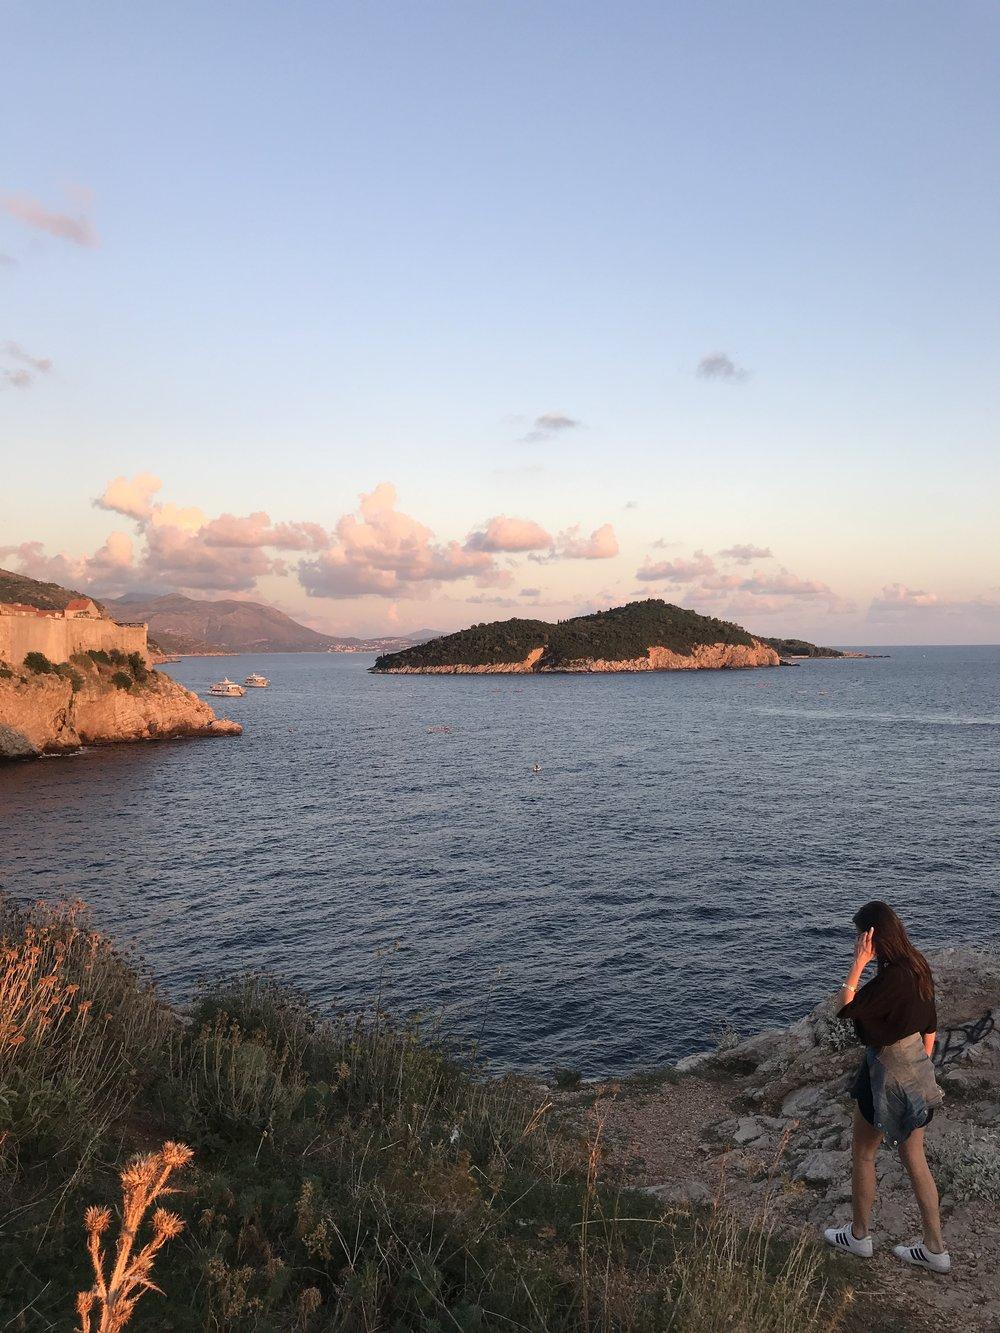 dubrovnik water views.JPG